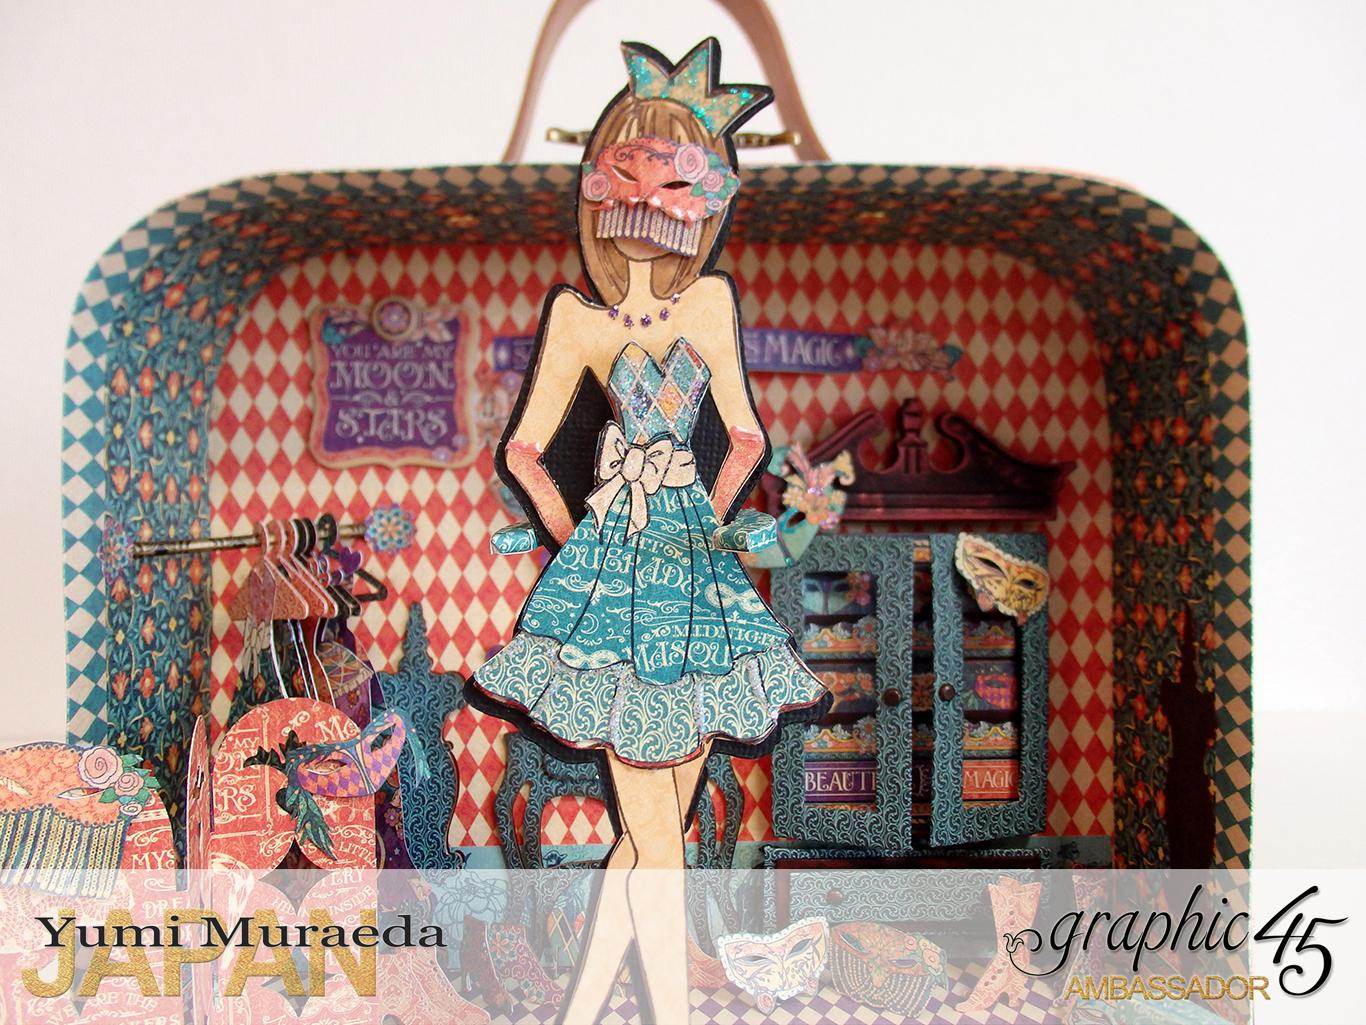 4midnightmasqueradskisekaedesignbyyumiproductbyGraphic45.jpg